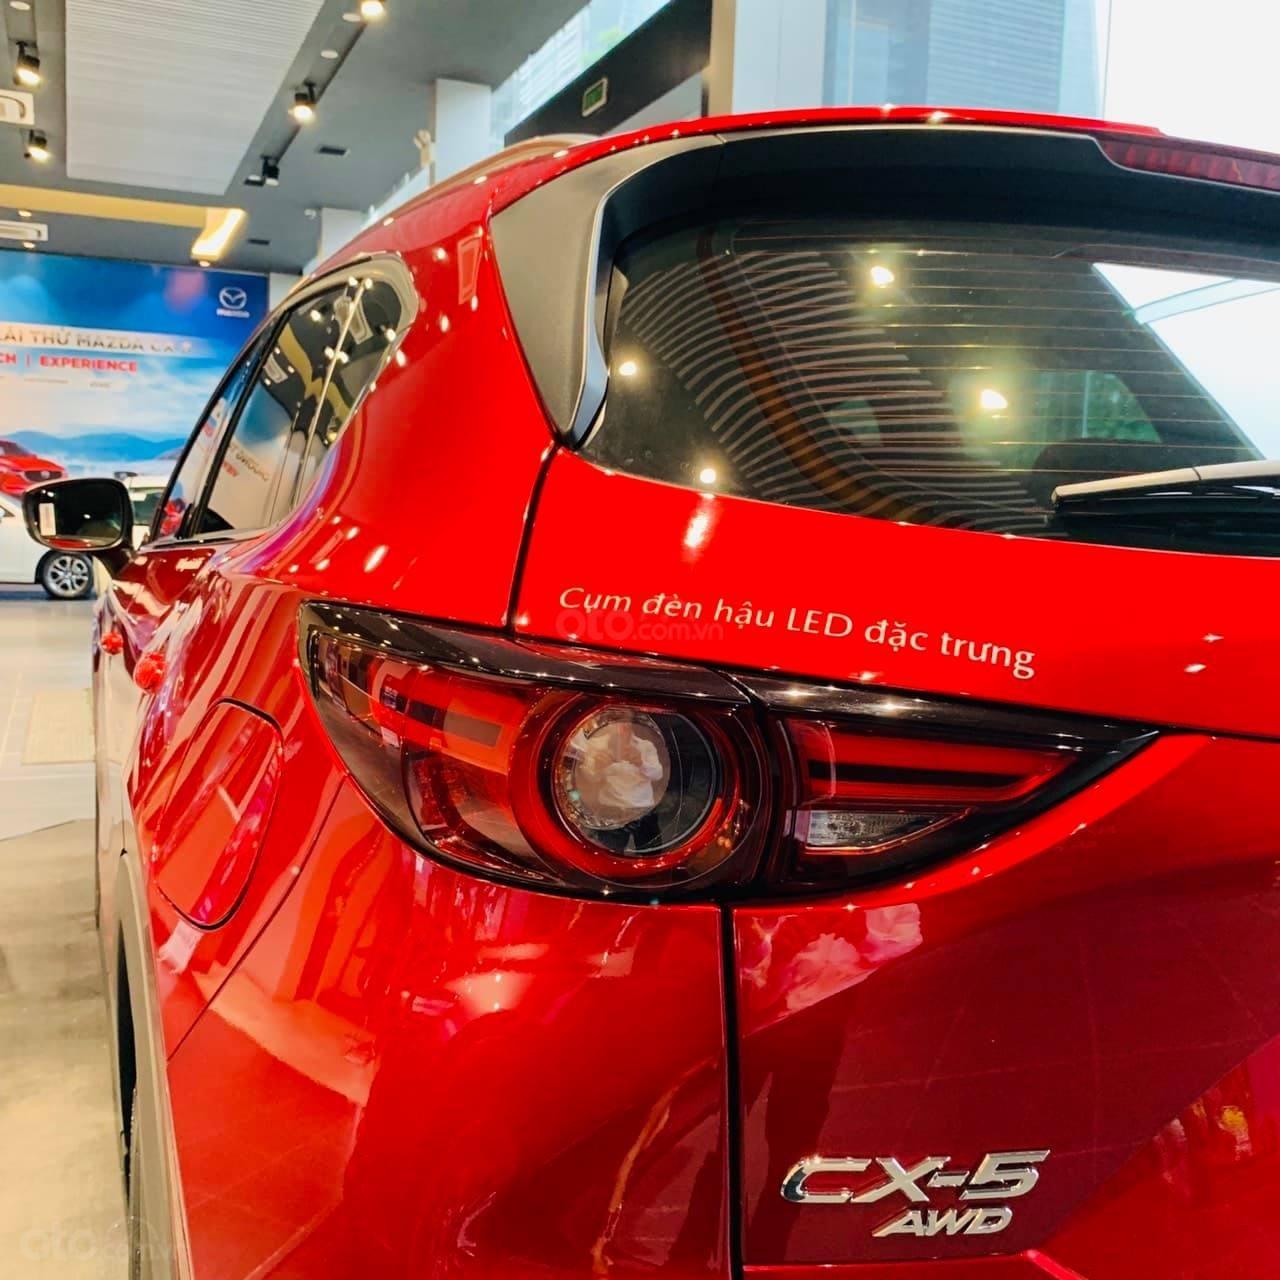 Mazda Cx5 IPM 6.5, giảm 40 triệu tiền mặt, hỗ trợ trả góp 85%, giải ngân ngay. LH: 0948.12.02.88 (6)